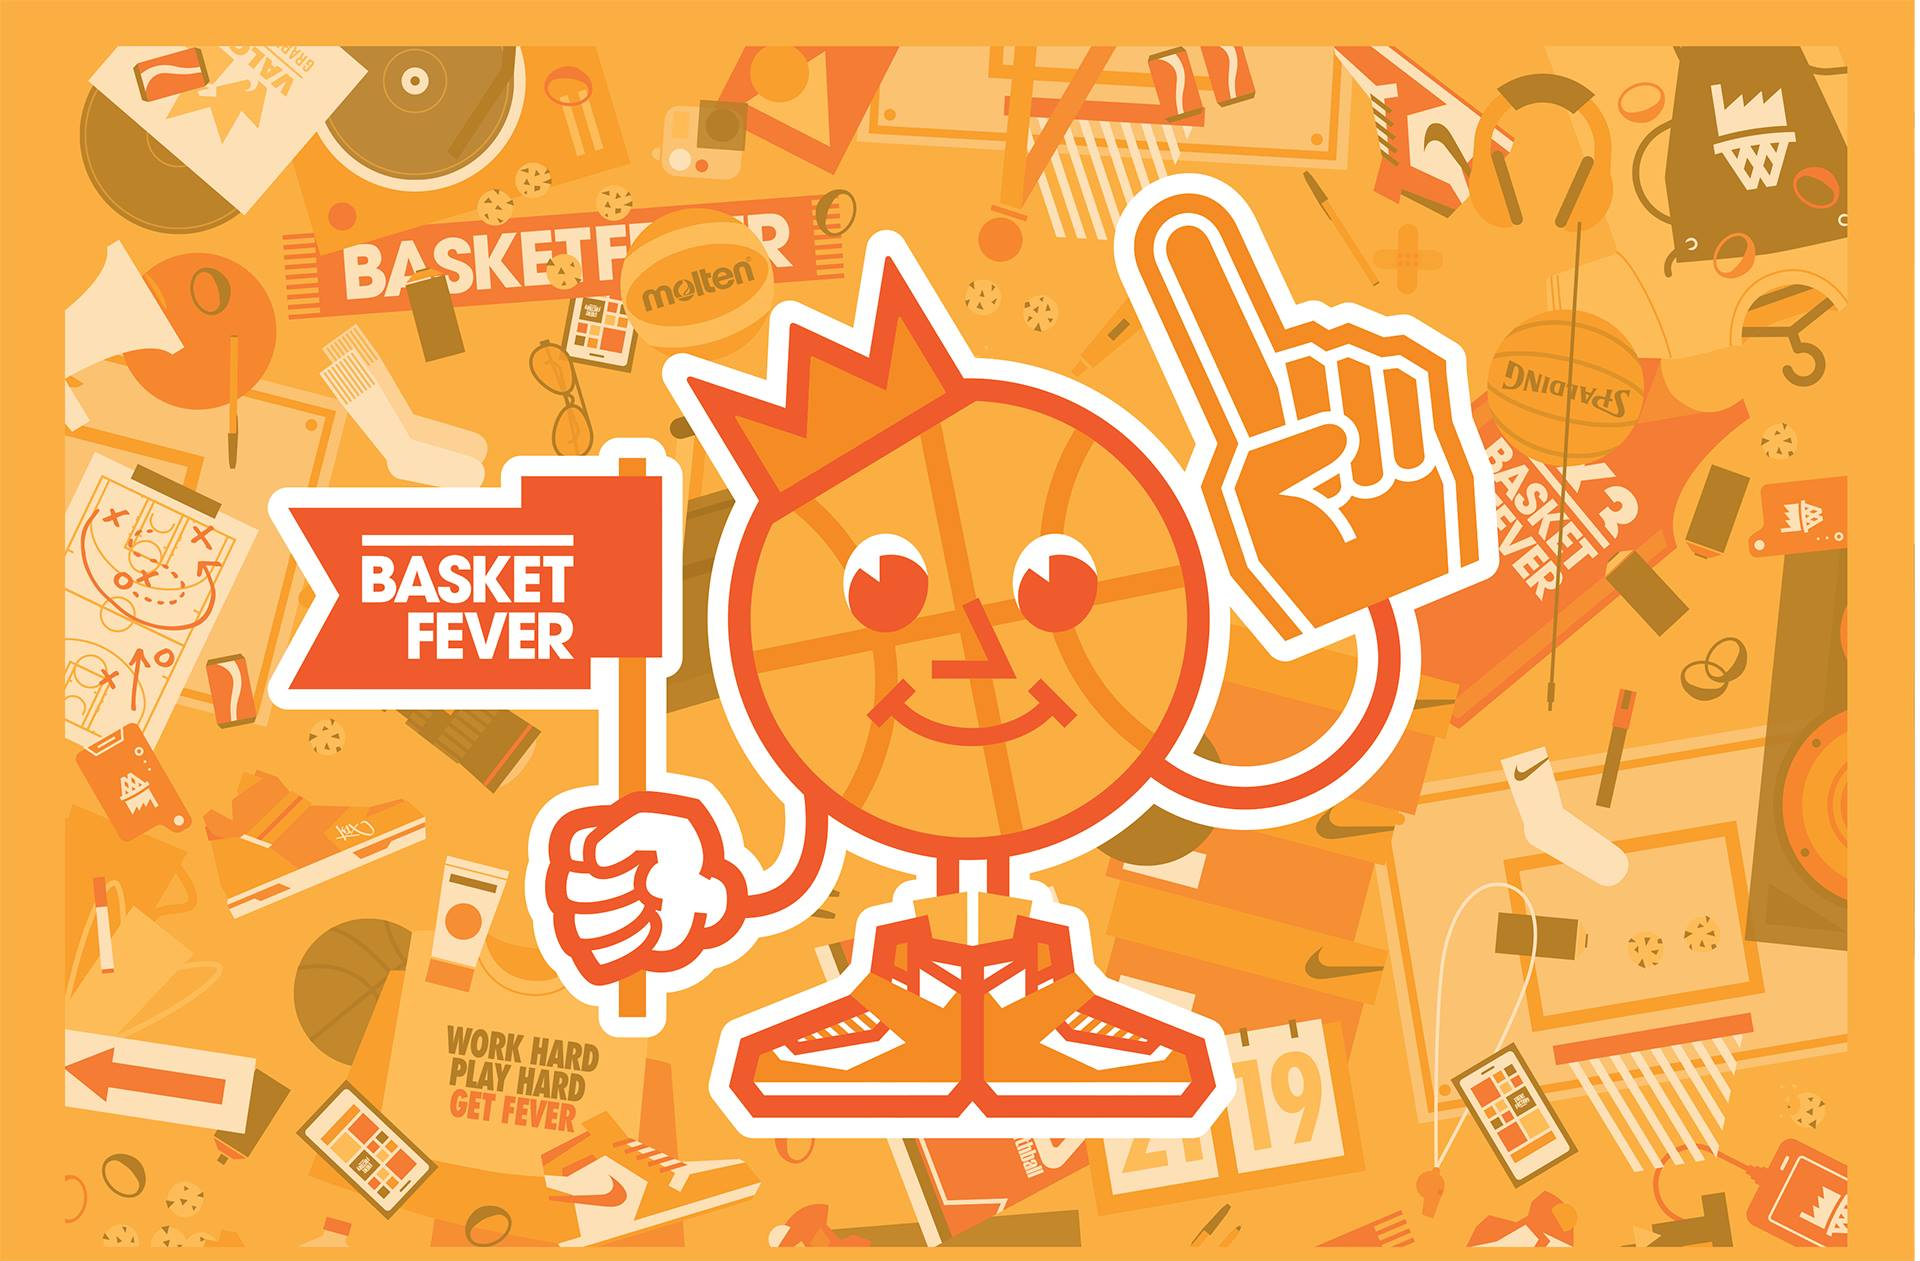 Basketfever 2K17